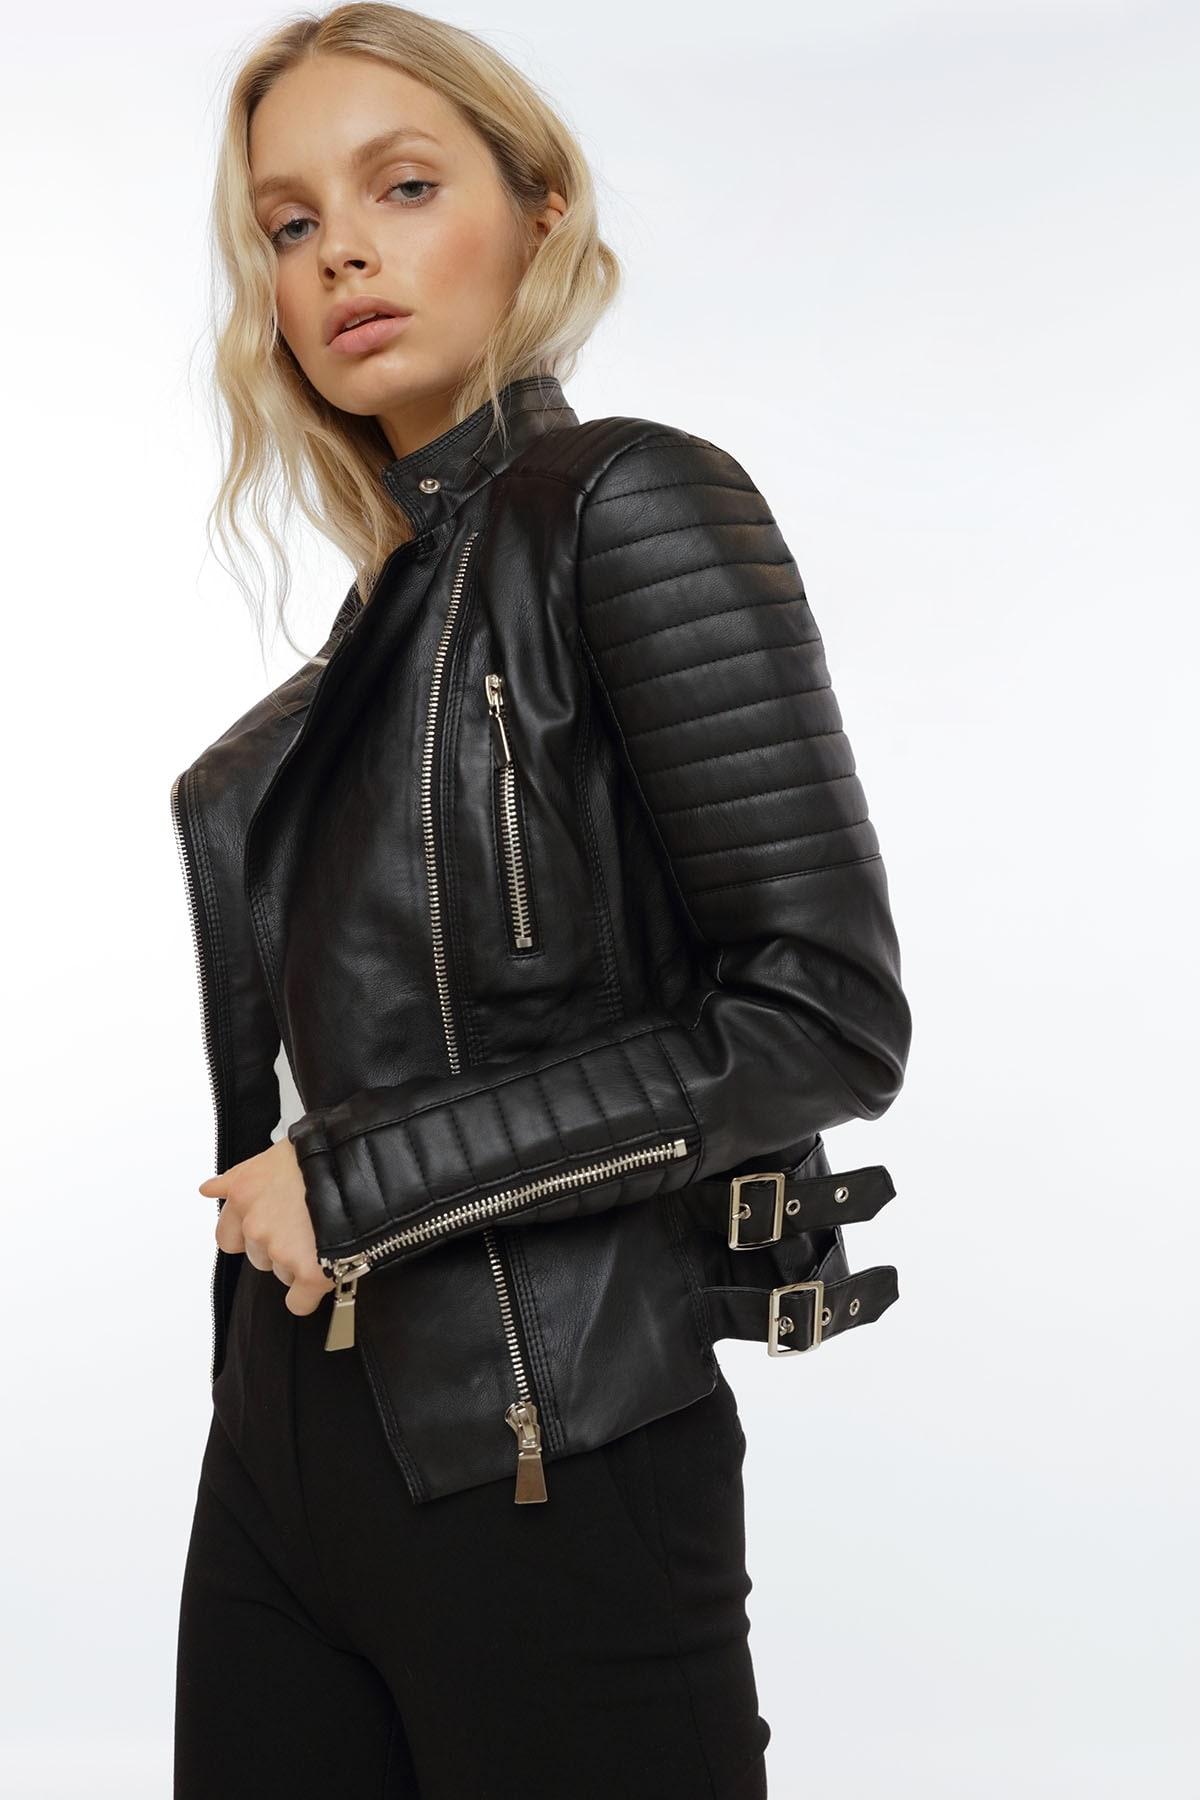 75f7f5d13ab Moto Jacket Black. PREORDER XS + S + M